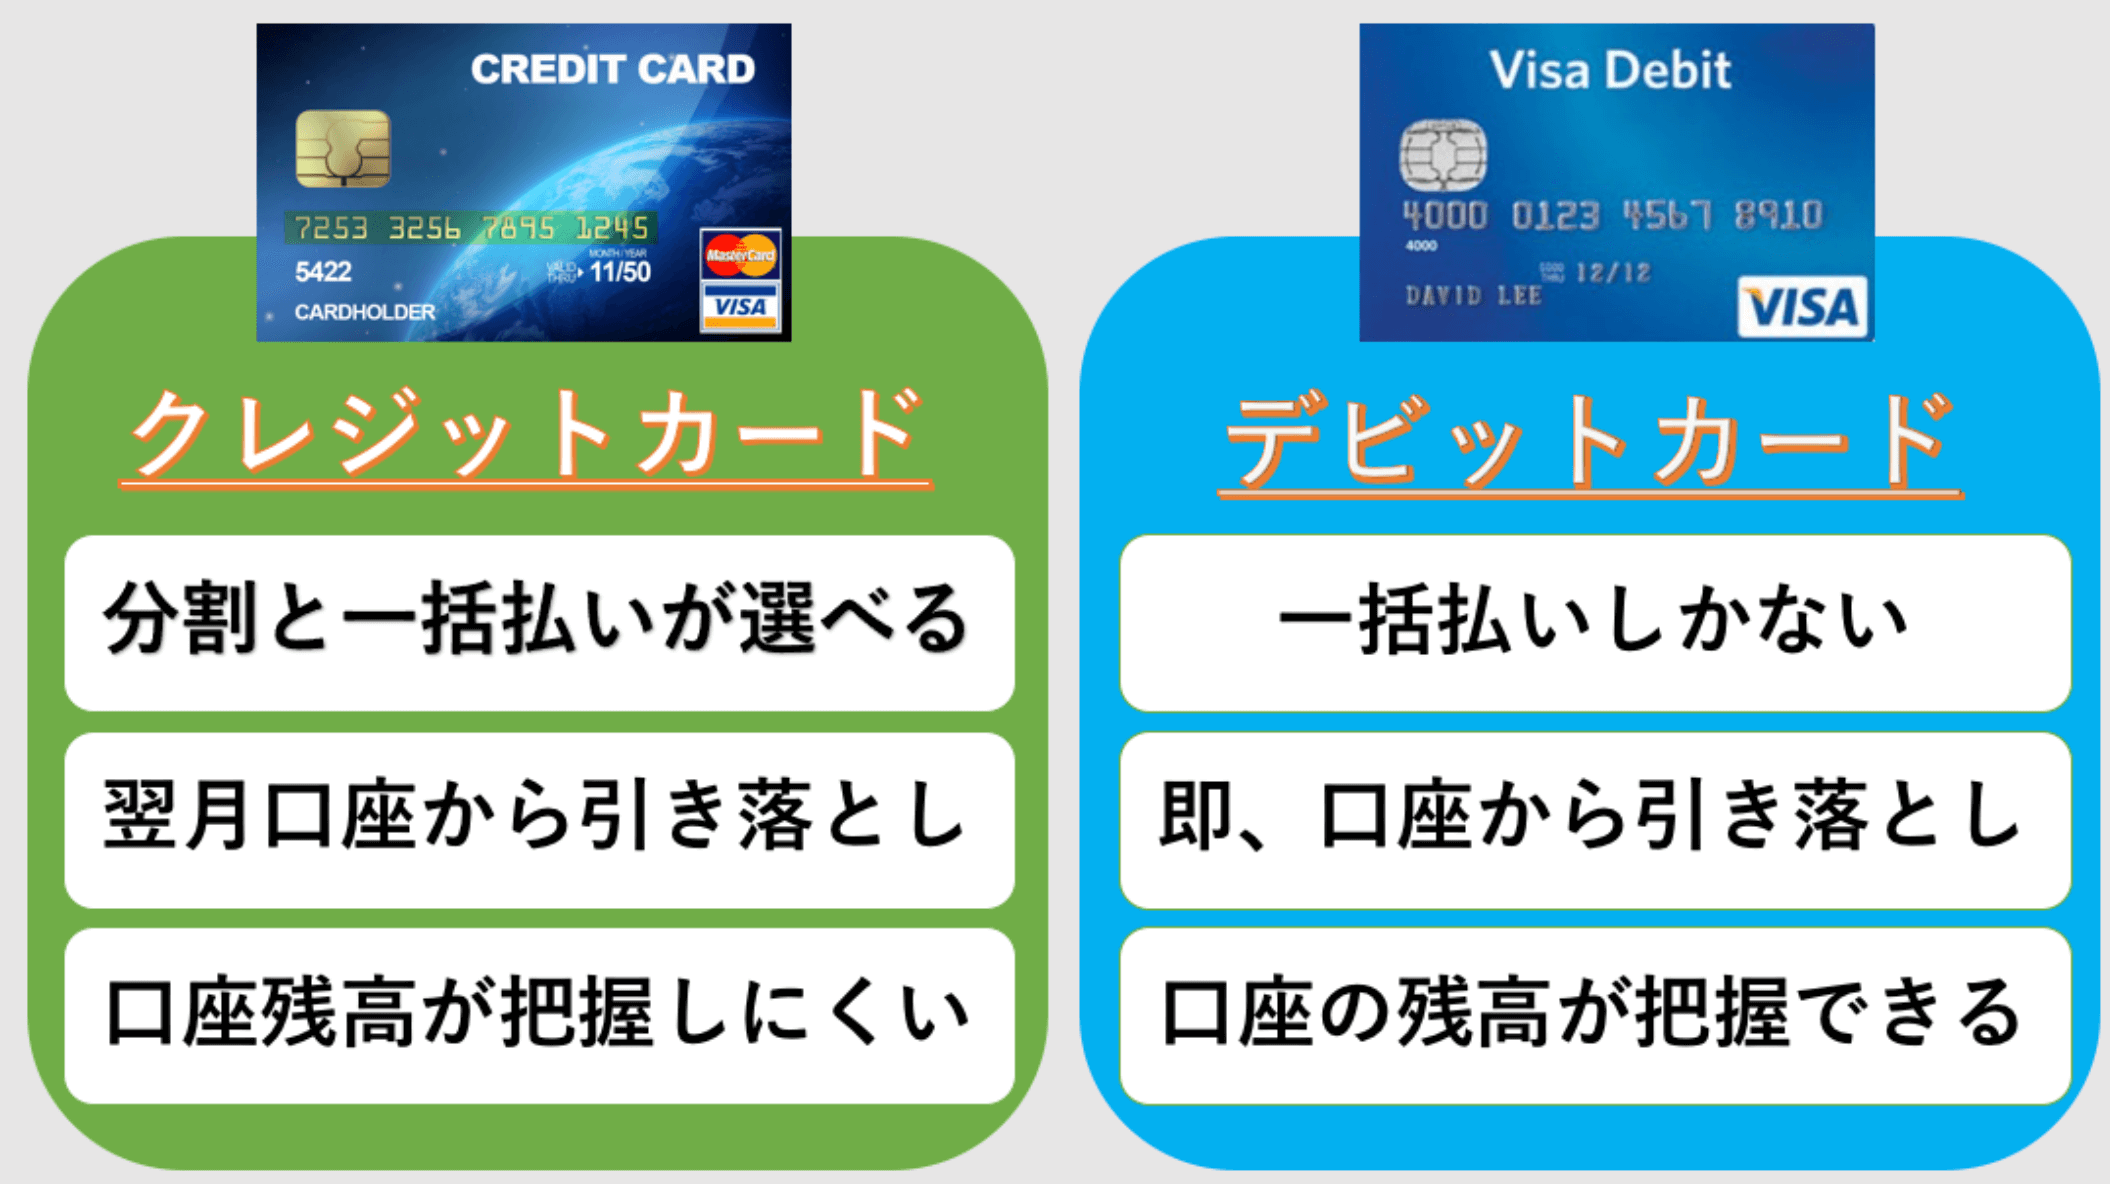 デビットカードとクレジットカードとの違い